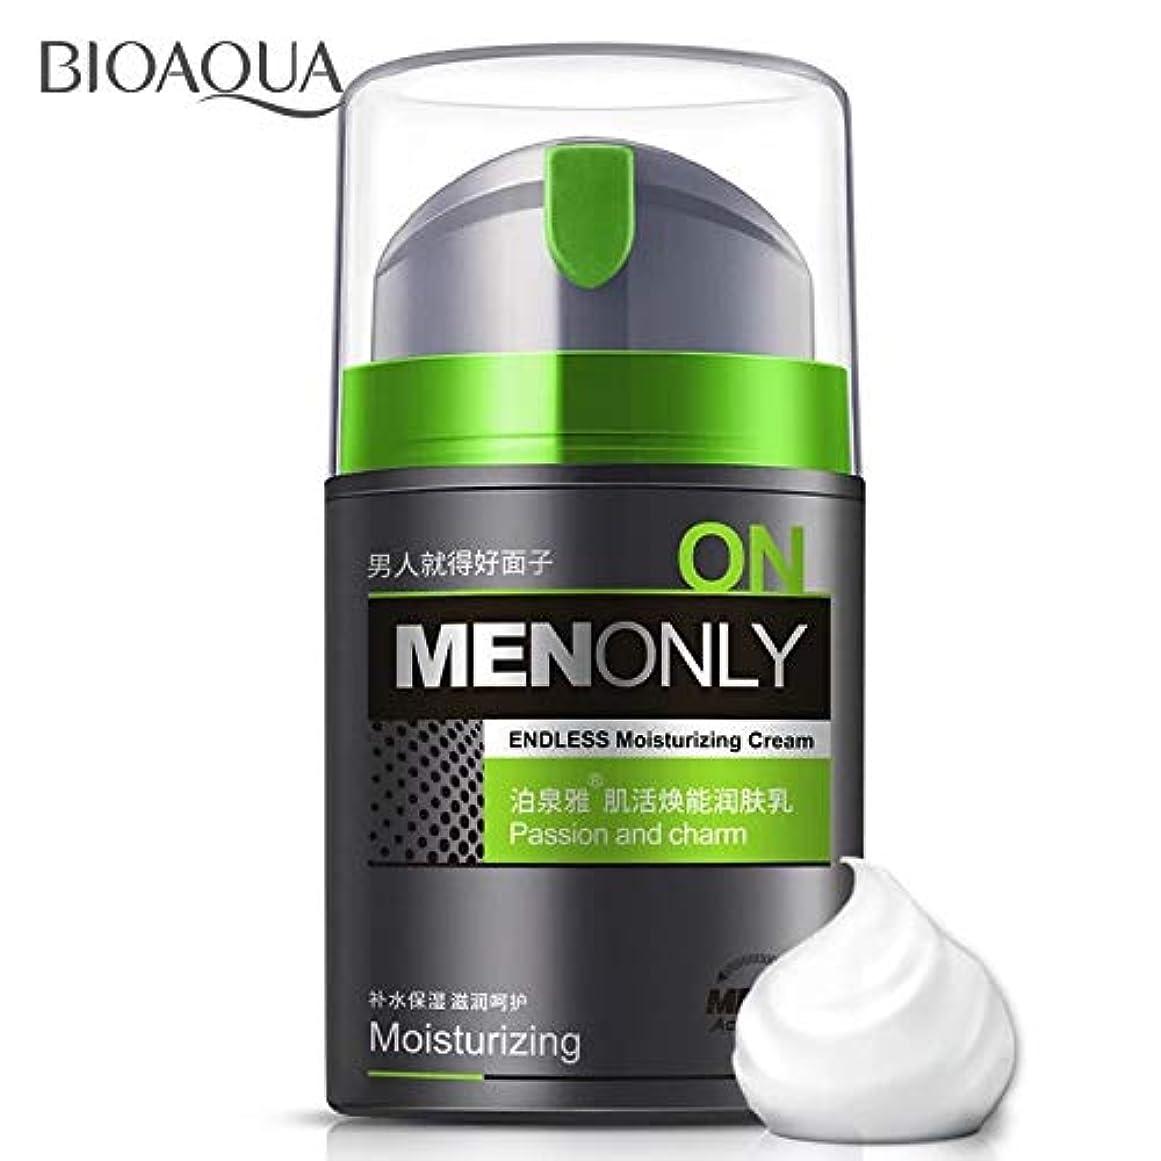 気体の転用アイデアBIOAQUA男性保湿オイルコントロールフェイスクリームアンチリンクルデイクリーム寧ケア